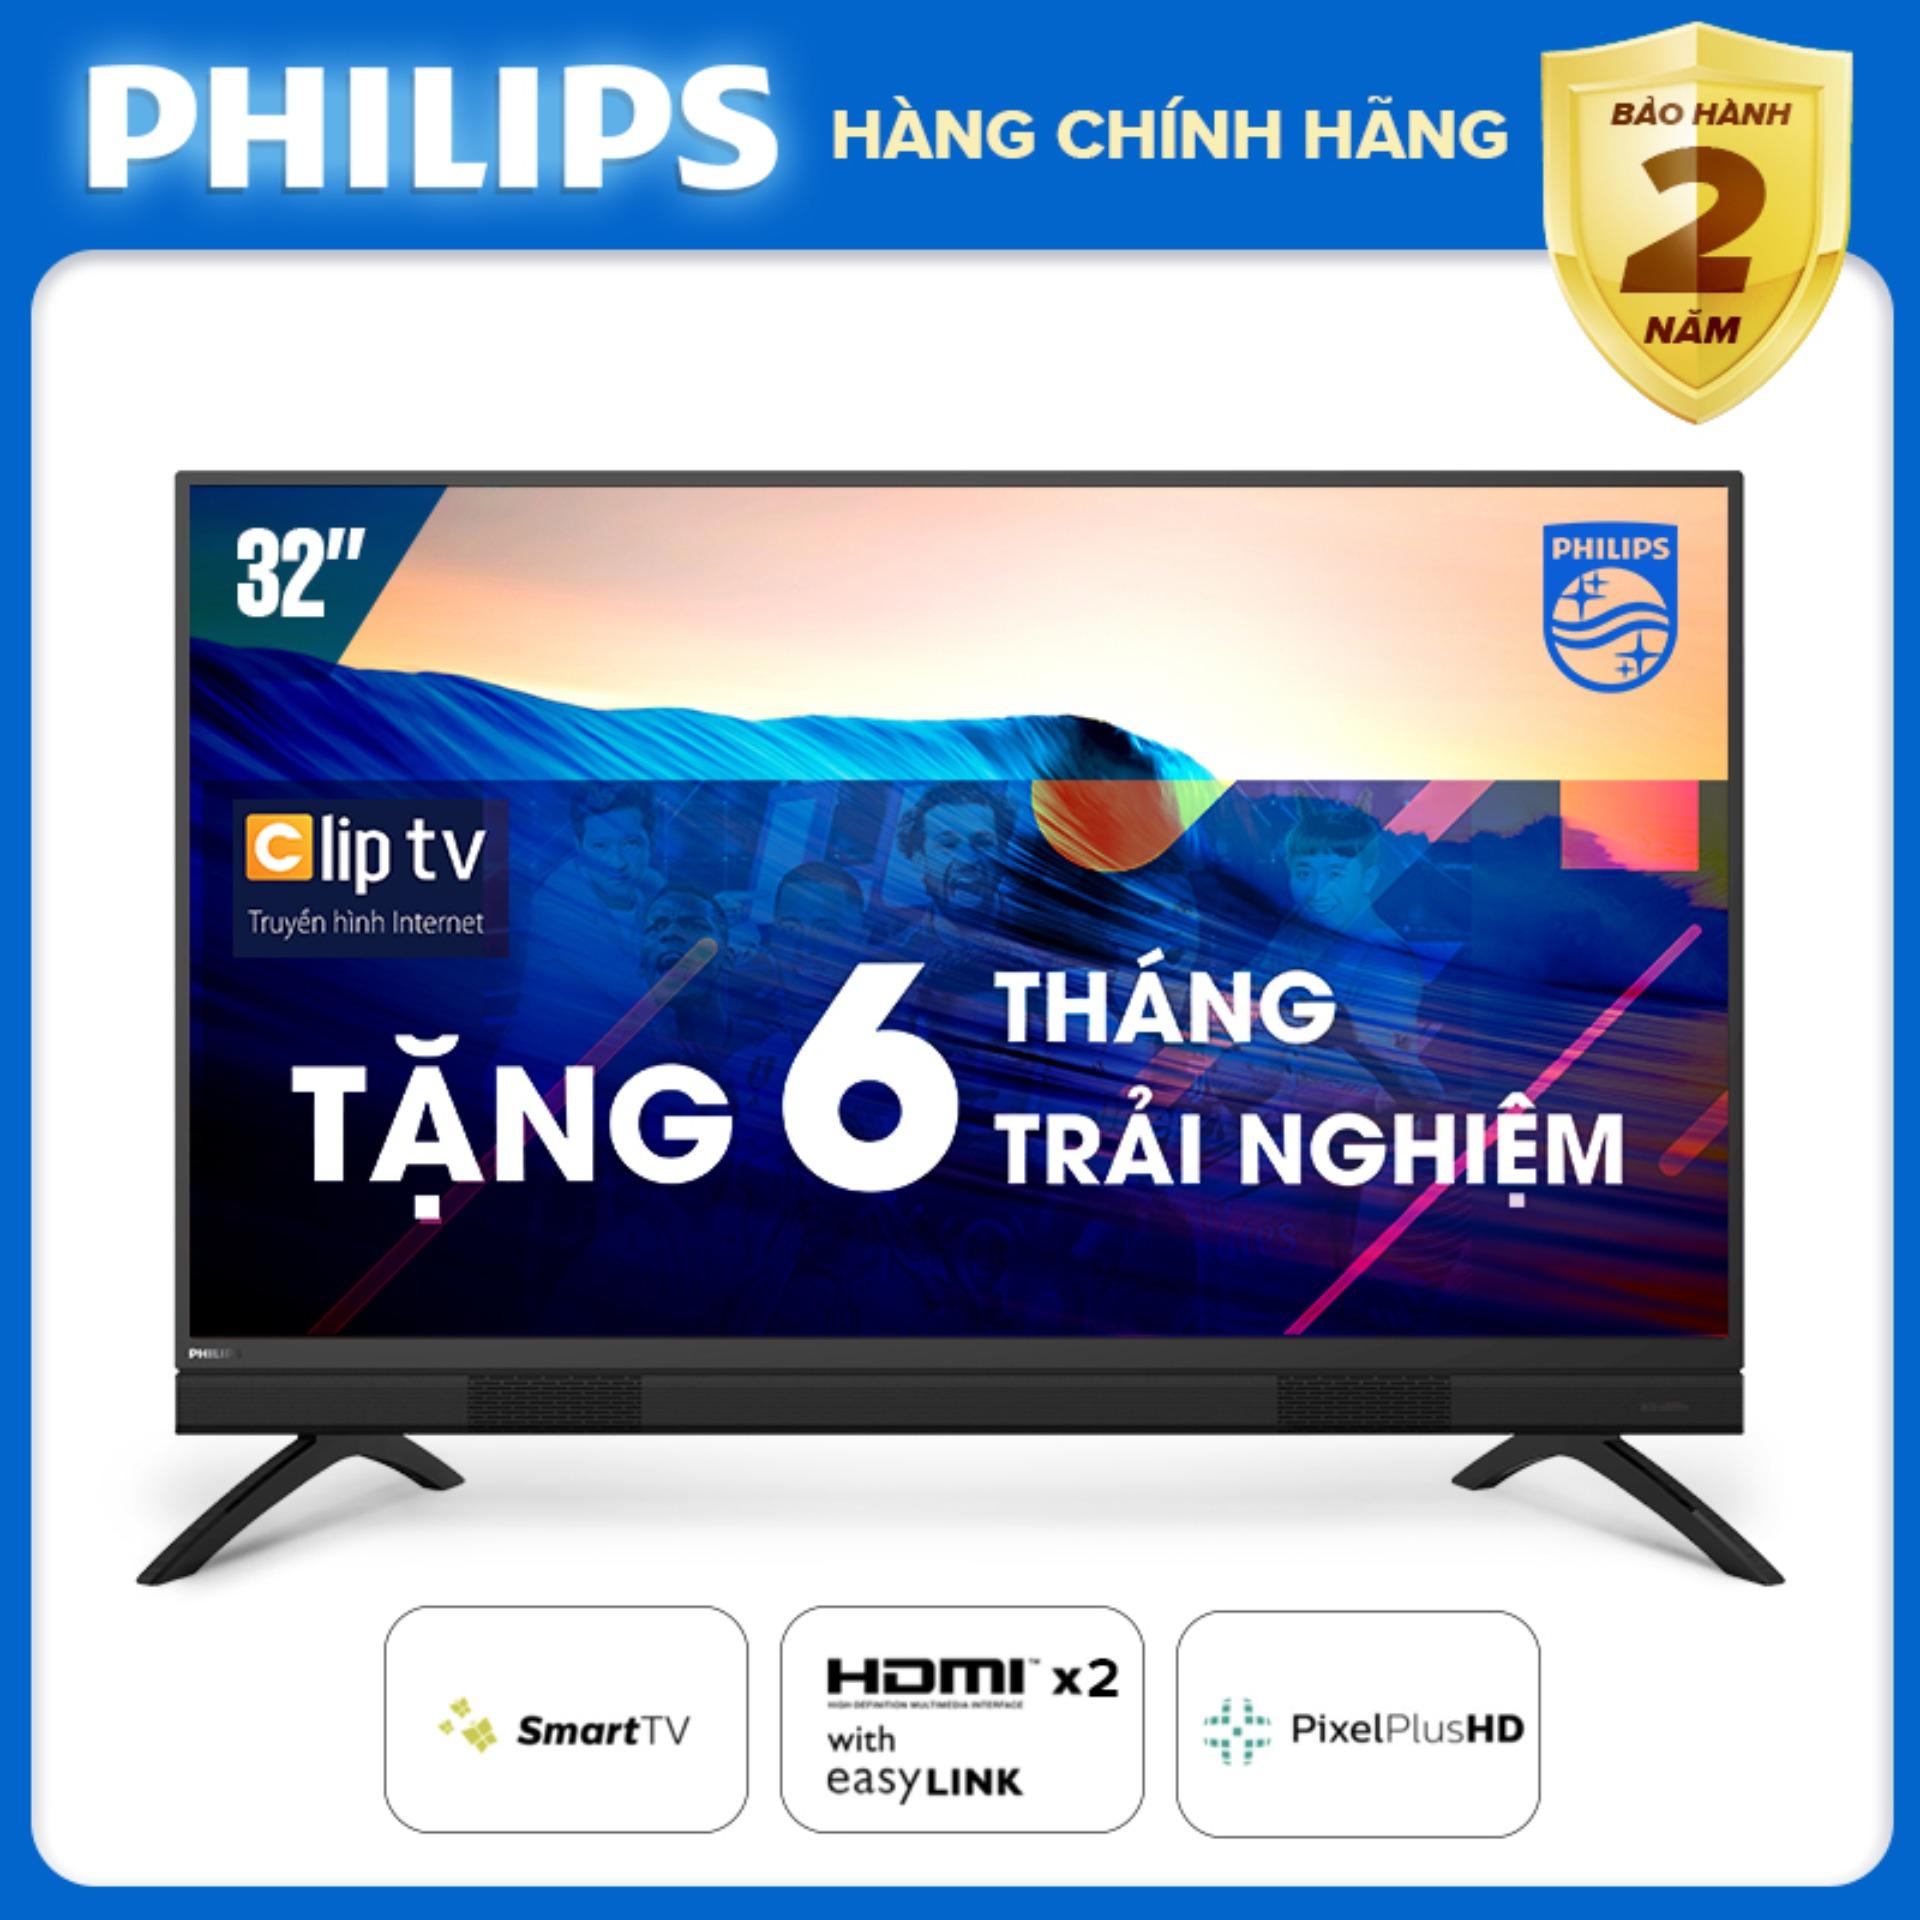 Bảng giá SMART TIVI 32 INCH HD LED KẾT NỐI INTERNET WIFI (hàng Thái Lan) tivi giá rẻ - Bảo hành 2 năm tại nhà - Tặng USB xinh xắn 32PHT5883/74 Tivi Philips [Đặt hàng trước]